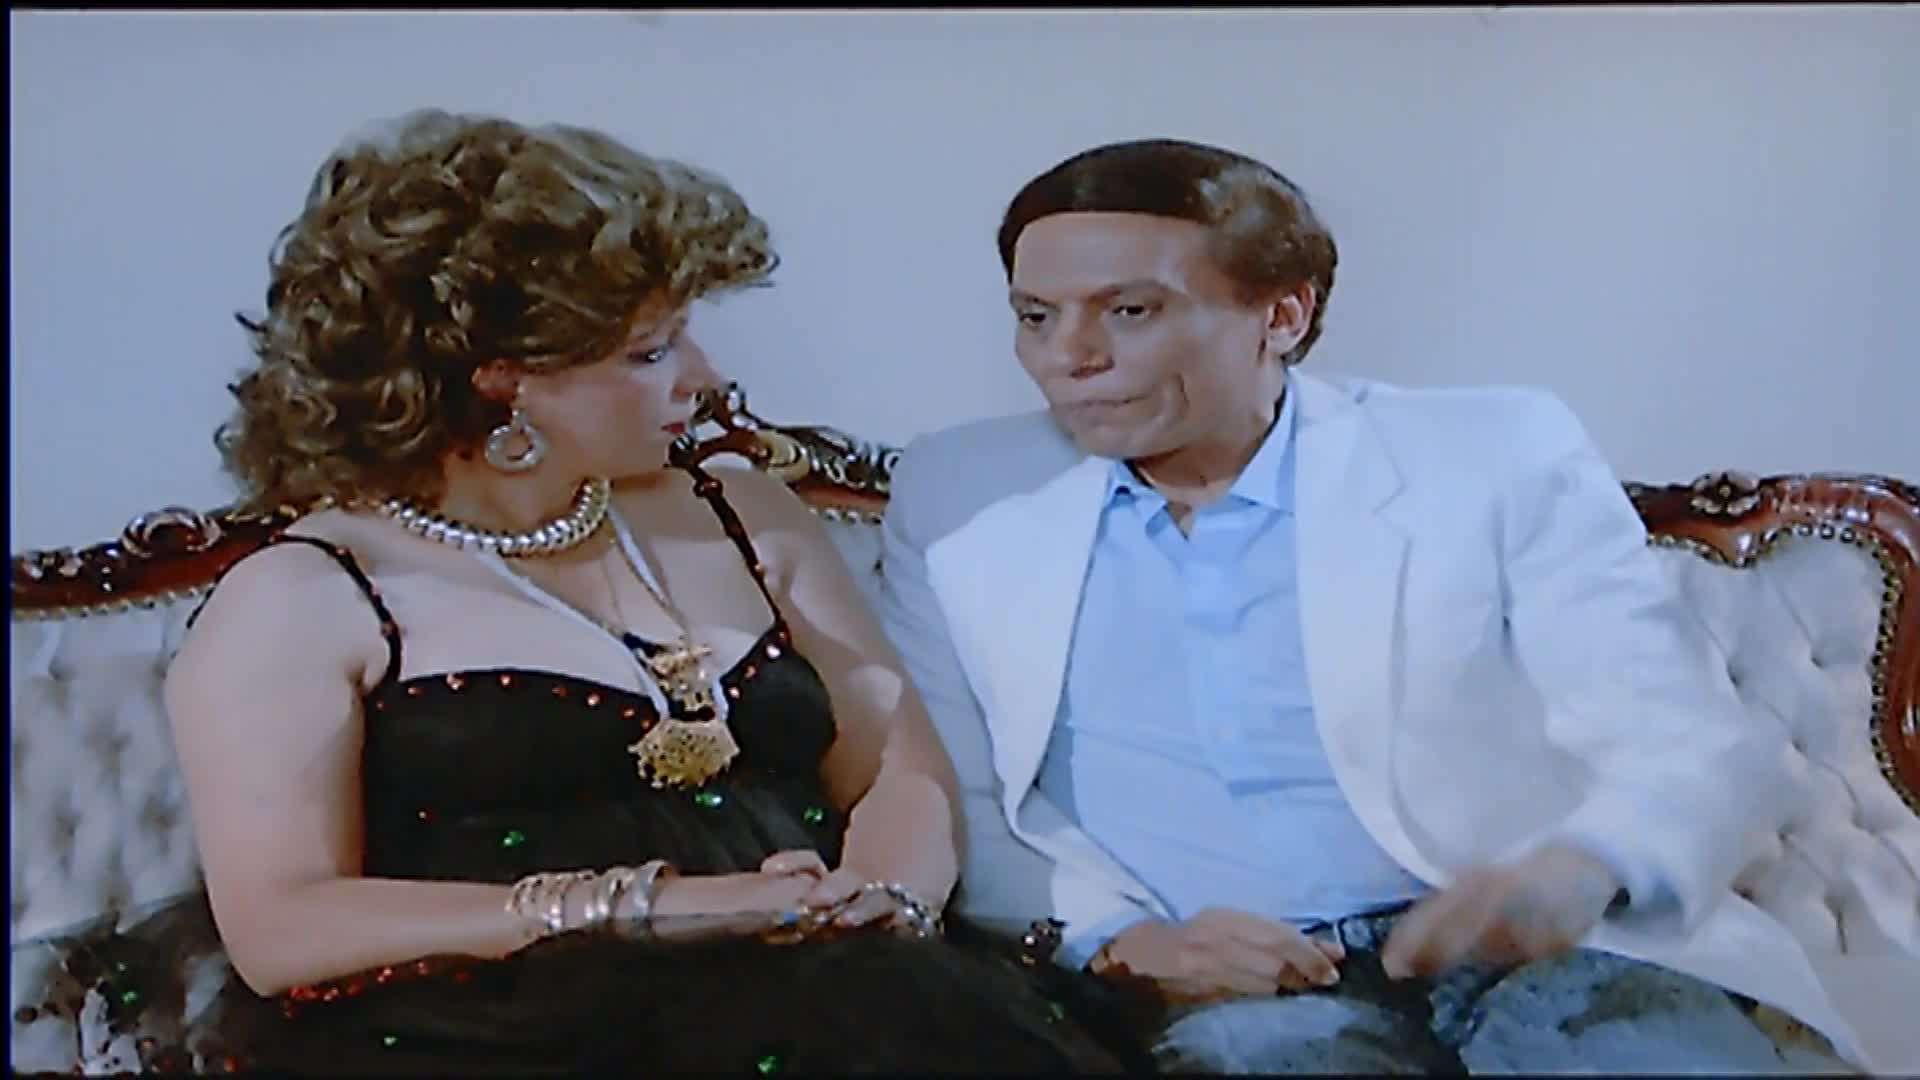 [فيلم][تورنت][تحميل][حنفي الأبهة][1990][1080p][Web-DL] 8 arabp2p.com